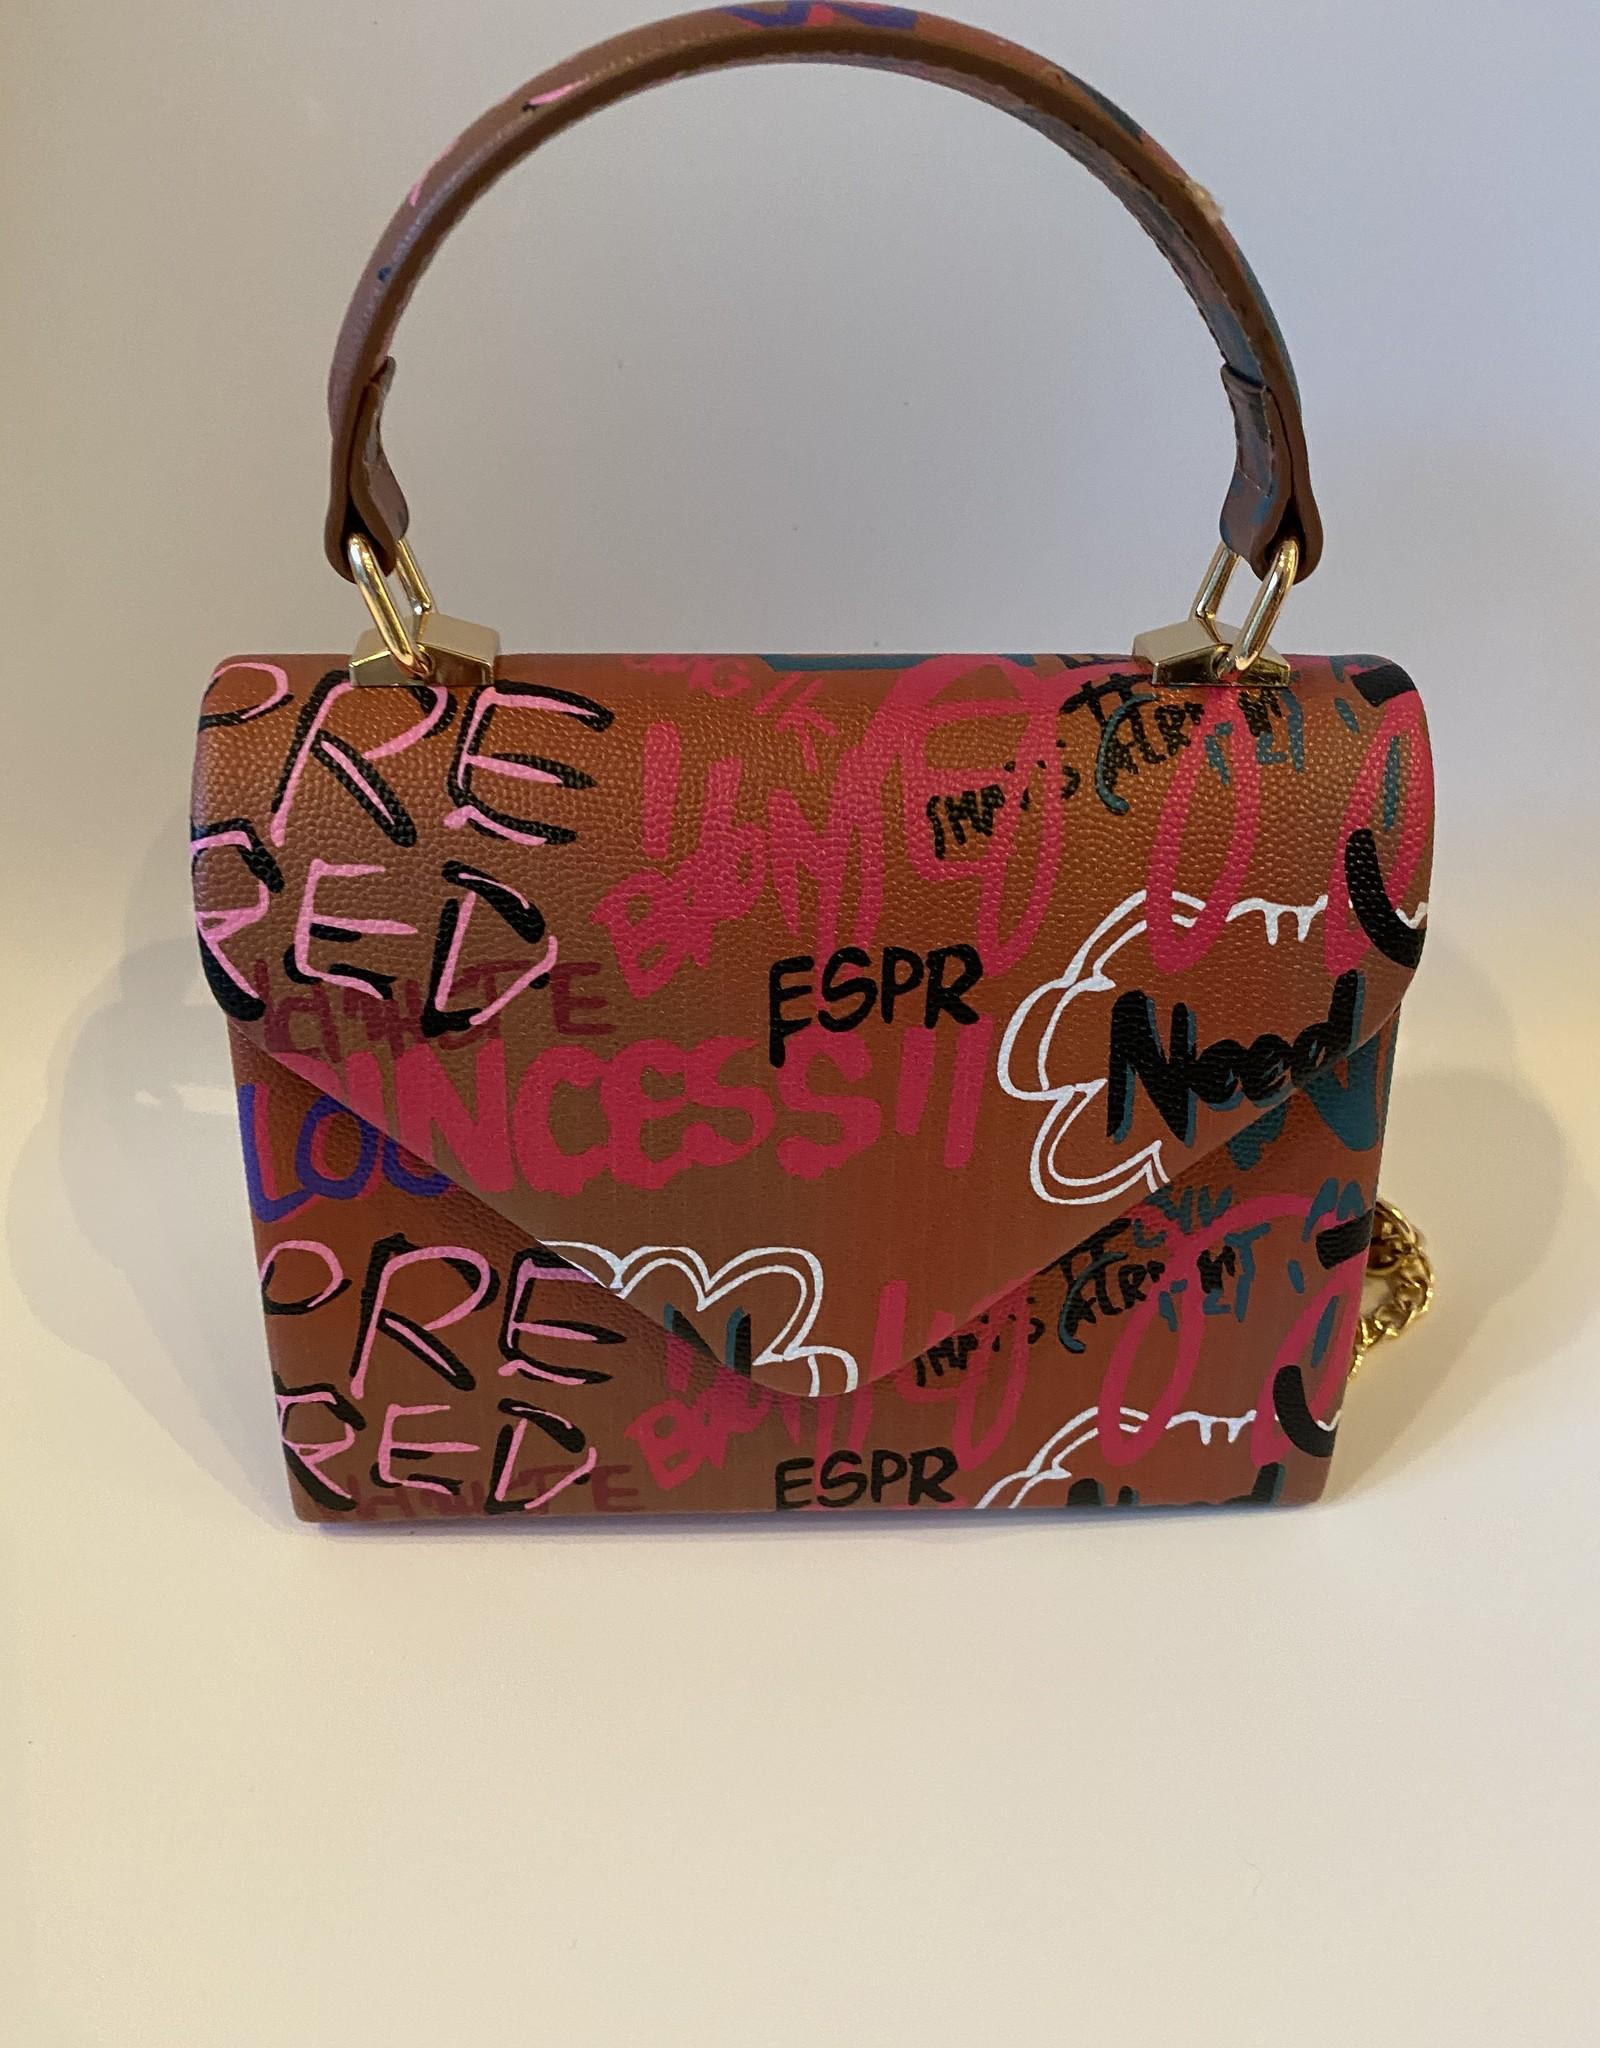 Fantasie tasje met graffiti met lange kettingriempje en handvat.